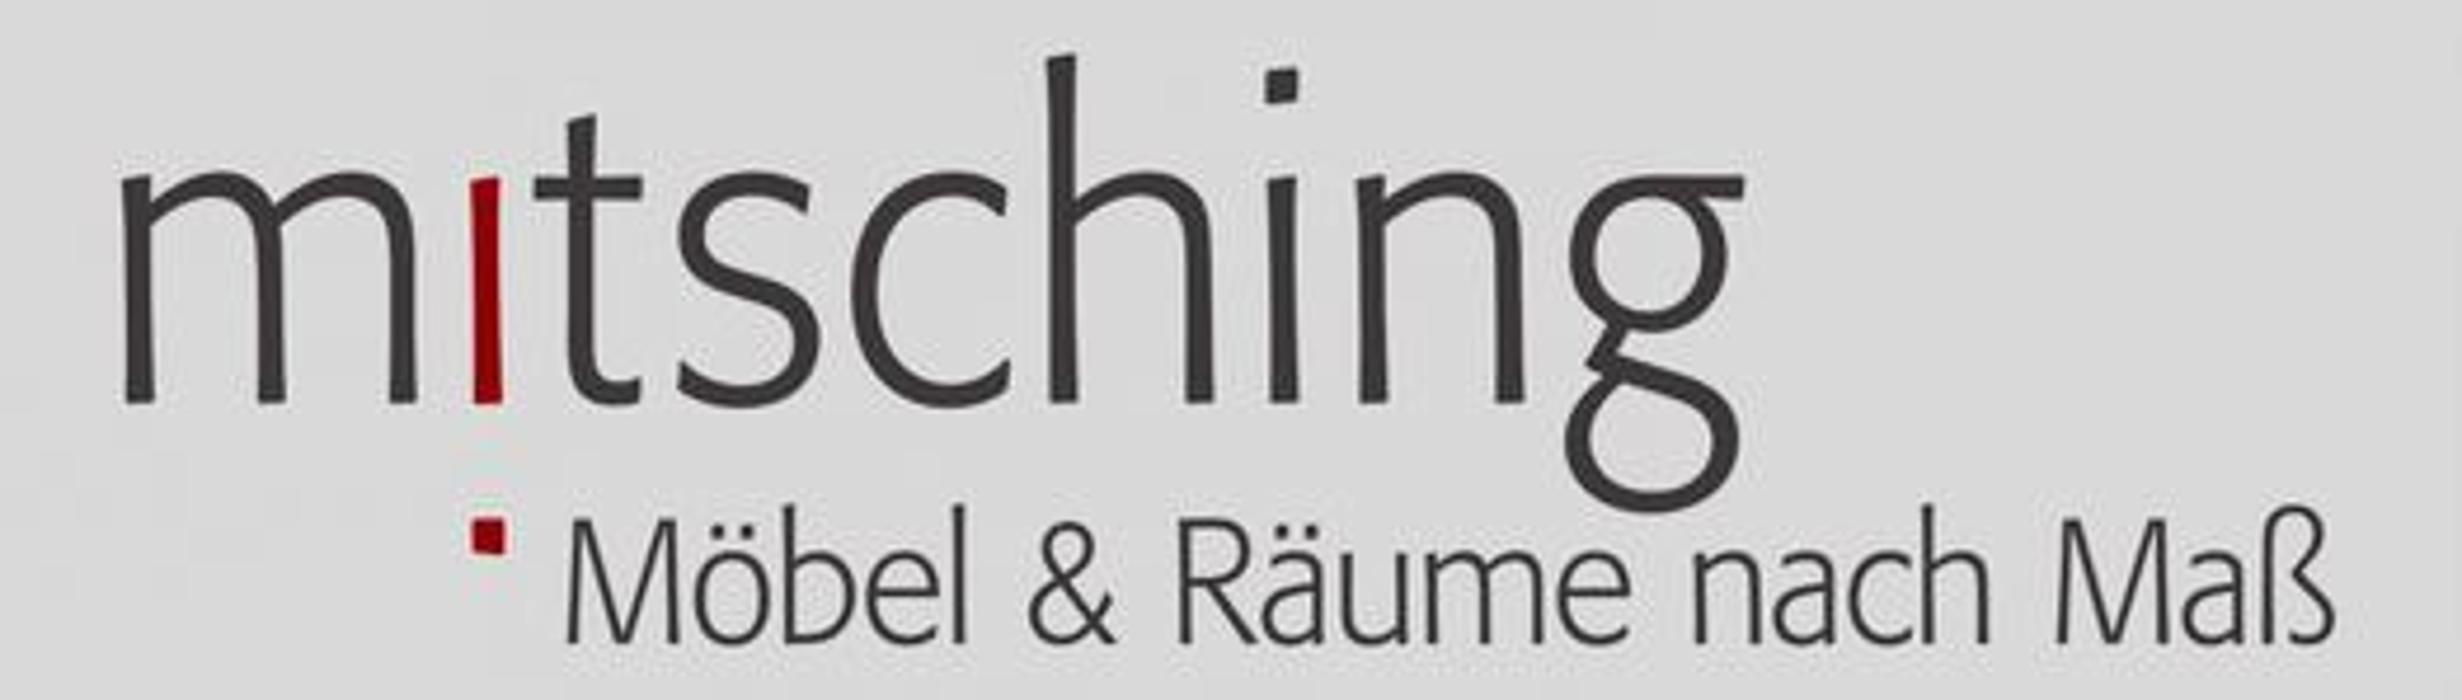 Mitsching GmbH - Möbel & Räume nach Maß in Weimar in Thüringen ...